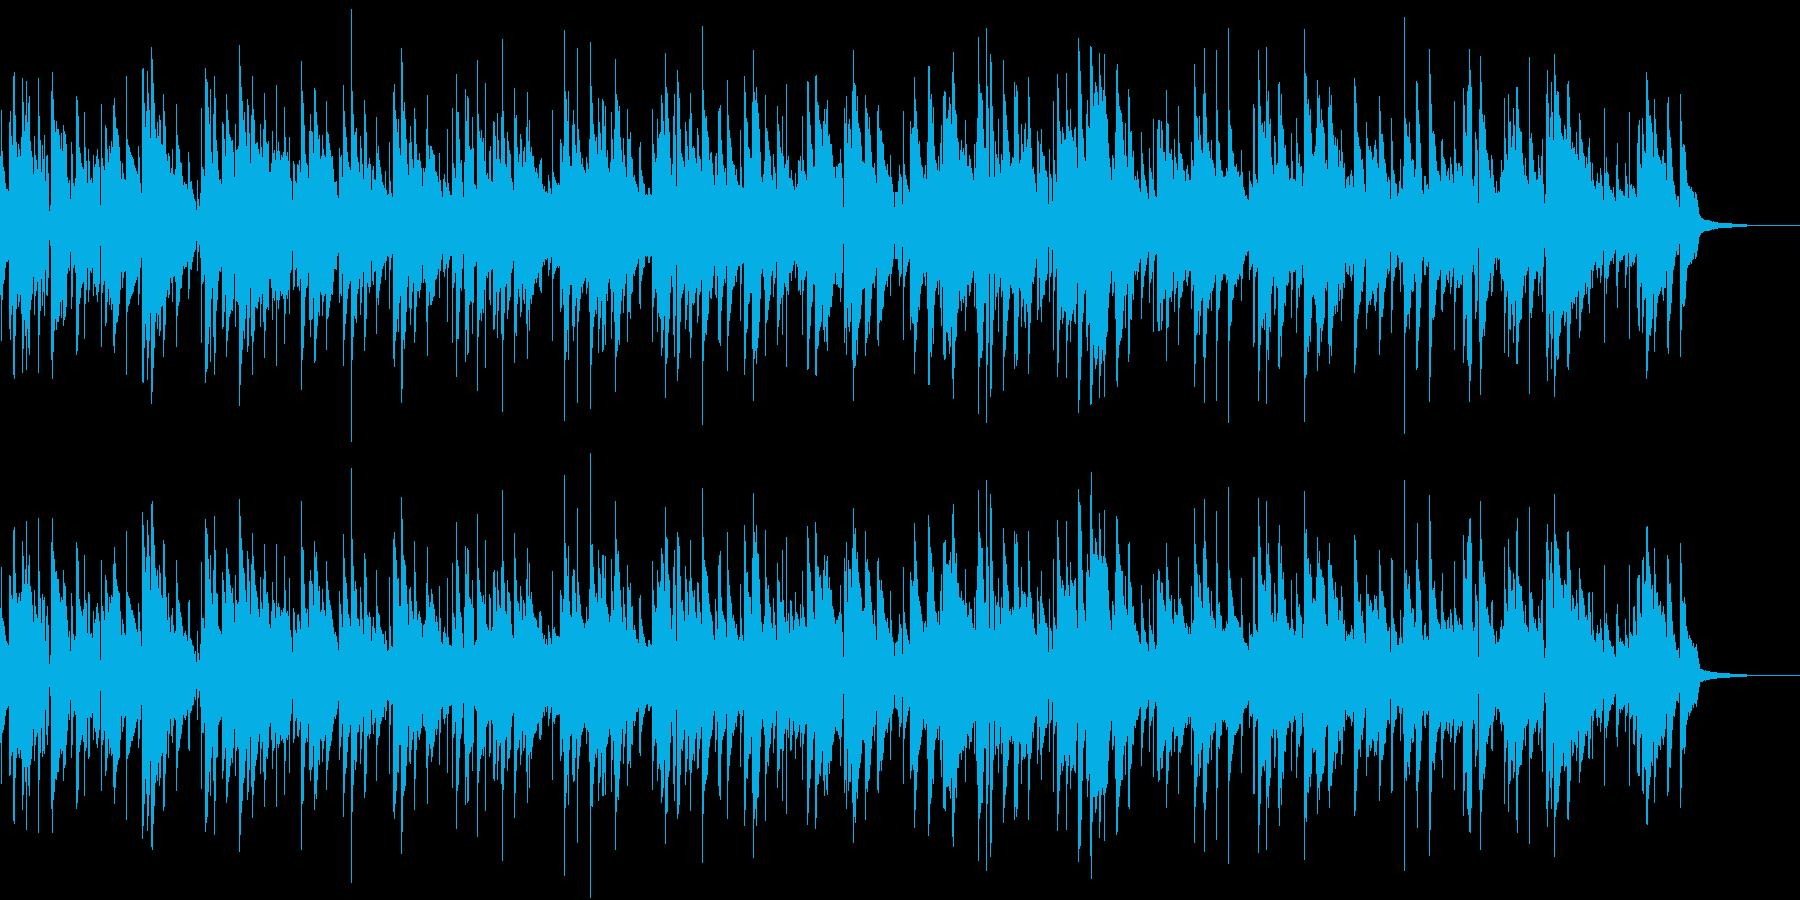 スライドギターでメロディを弾いたブルースの再生済みの波形